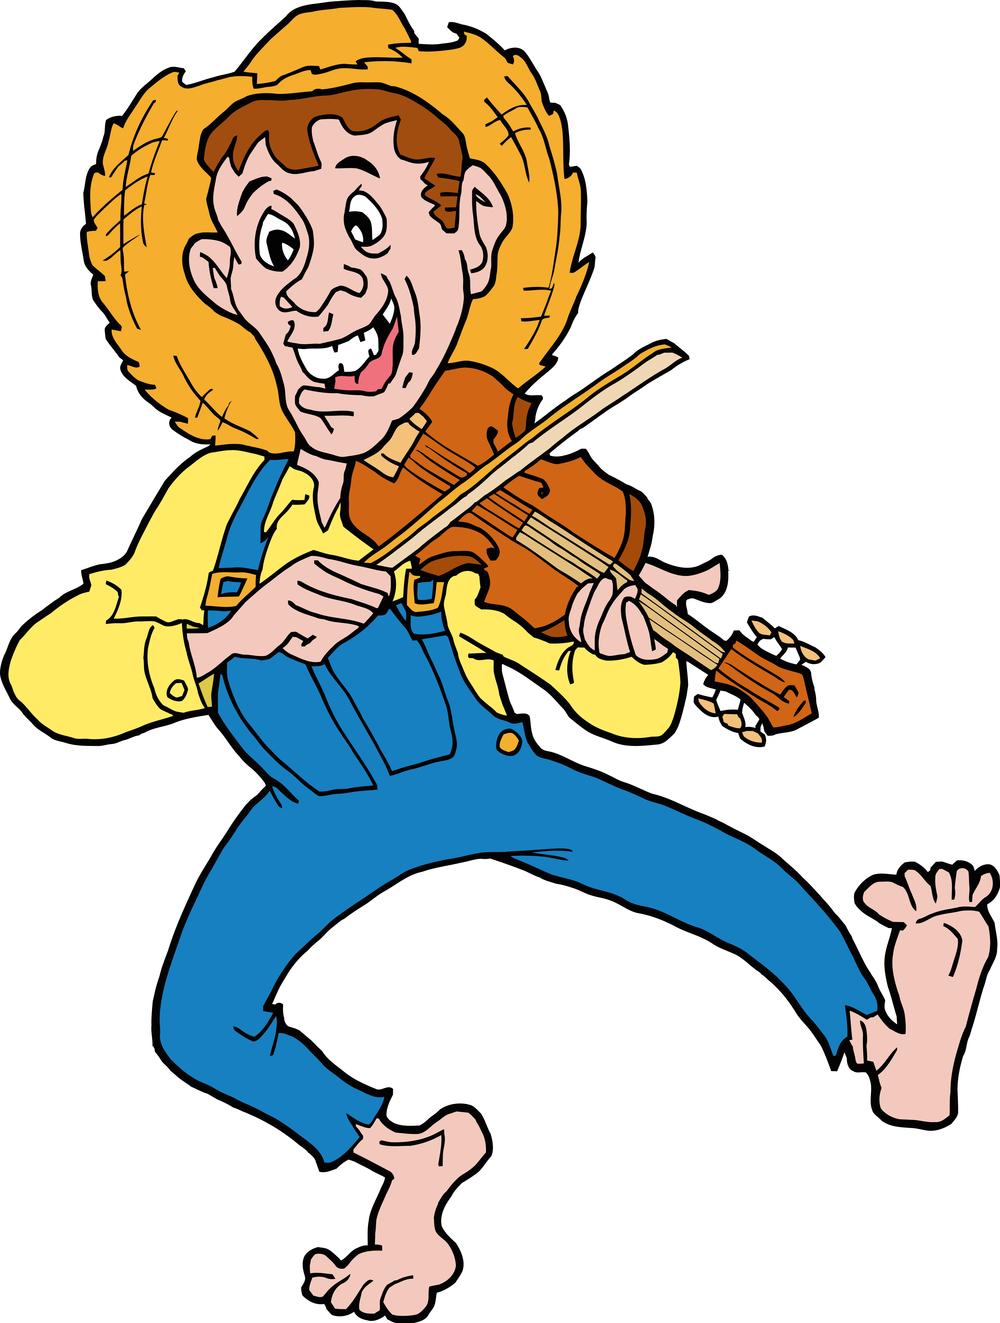 Hillbilly fiddler.jpg